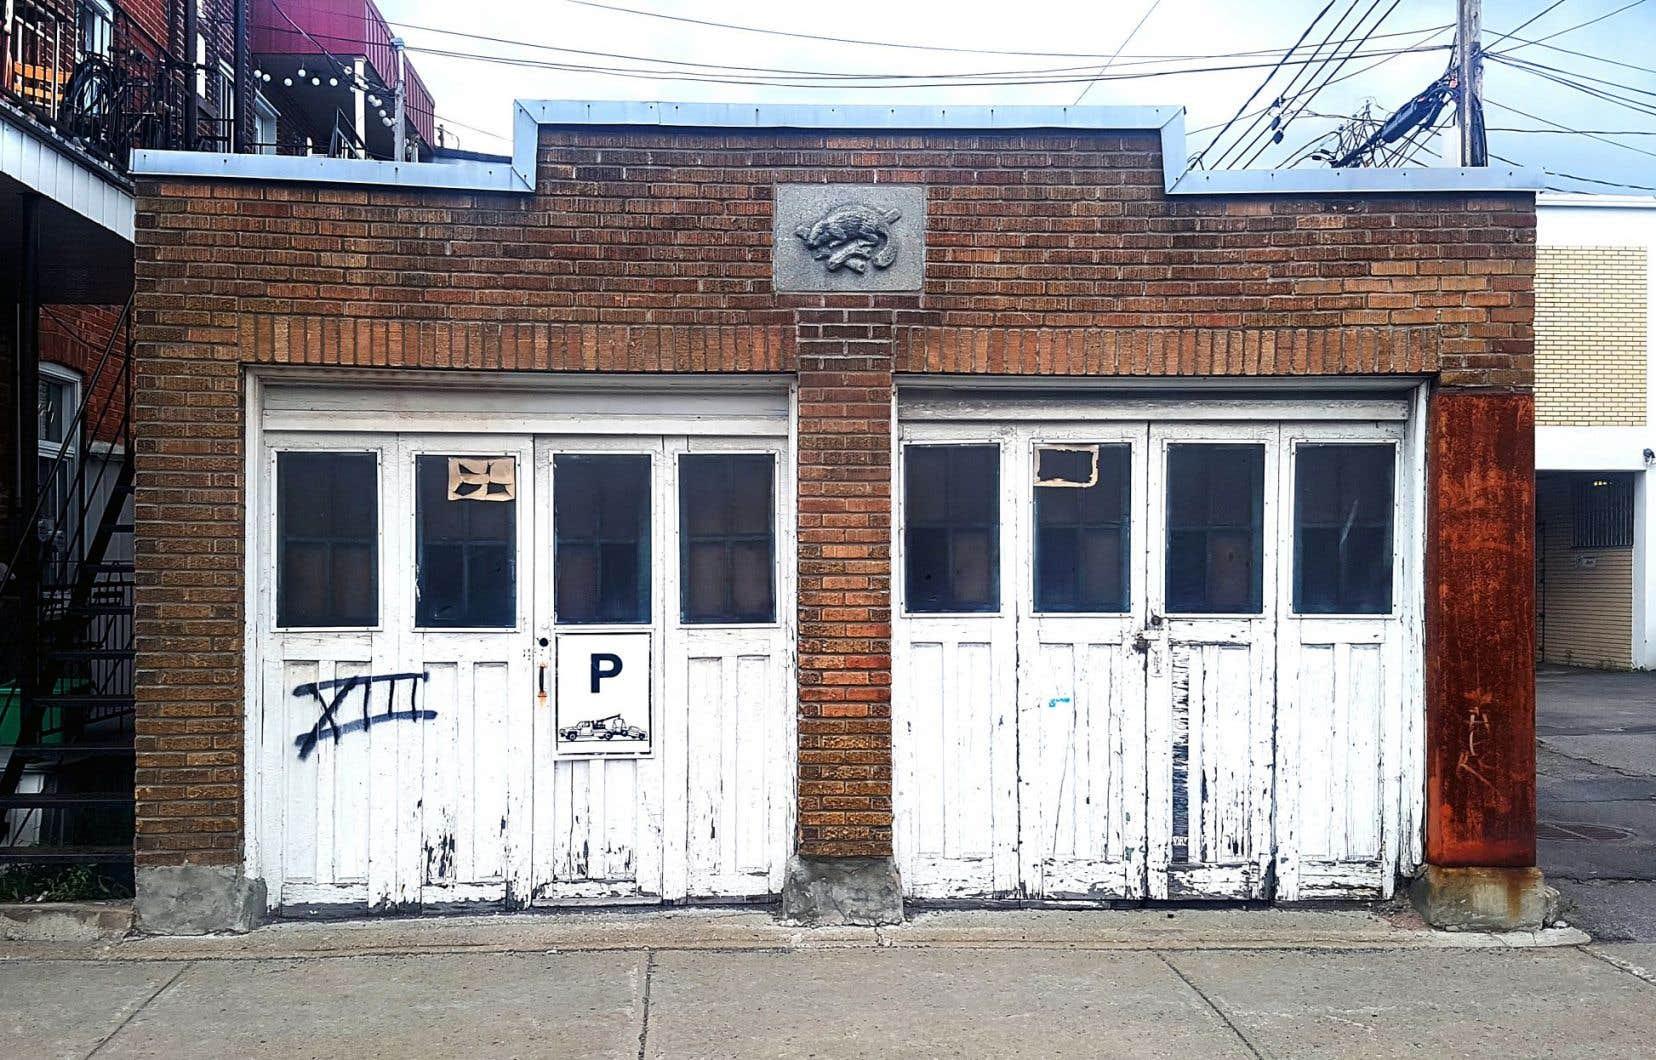 Stationnement le garage du voisin la rescousse le devoir - Galerie le garage orleans ...